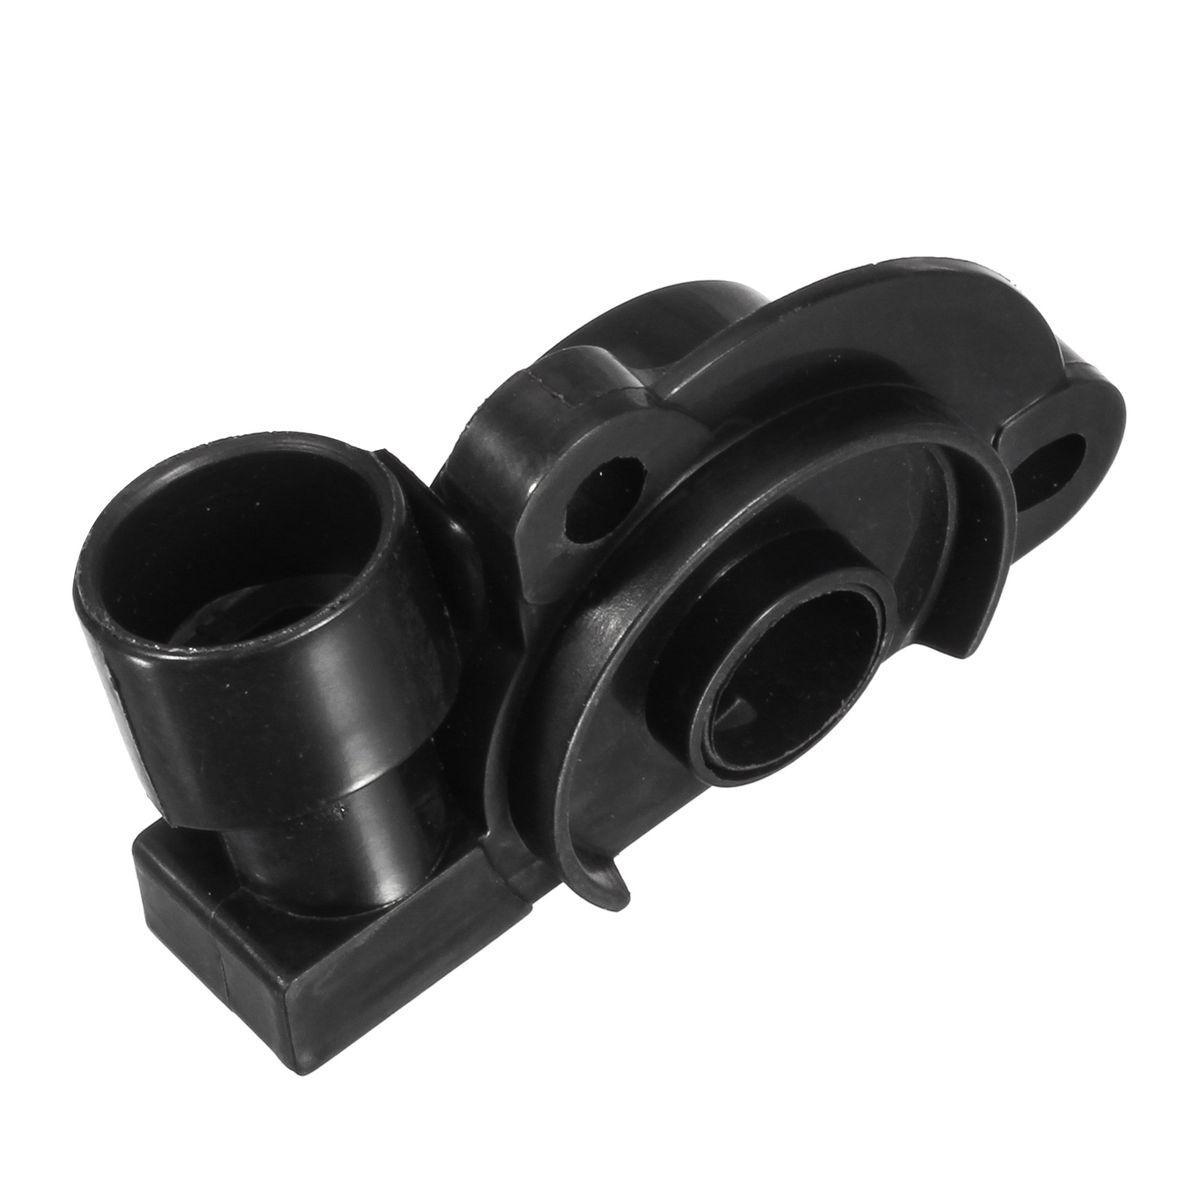 TPS Throttle Position Sensor 5S5036 For 1991-1995 GMC G/C